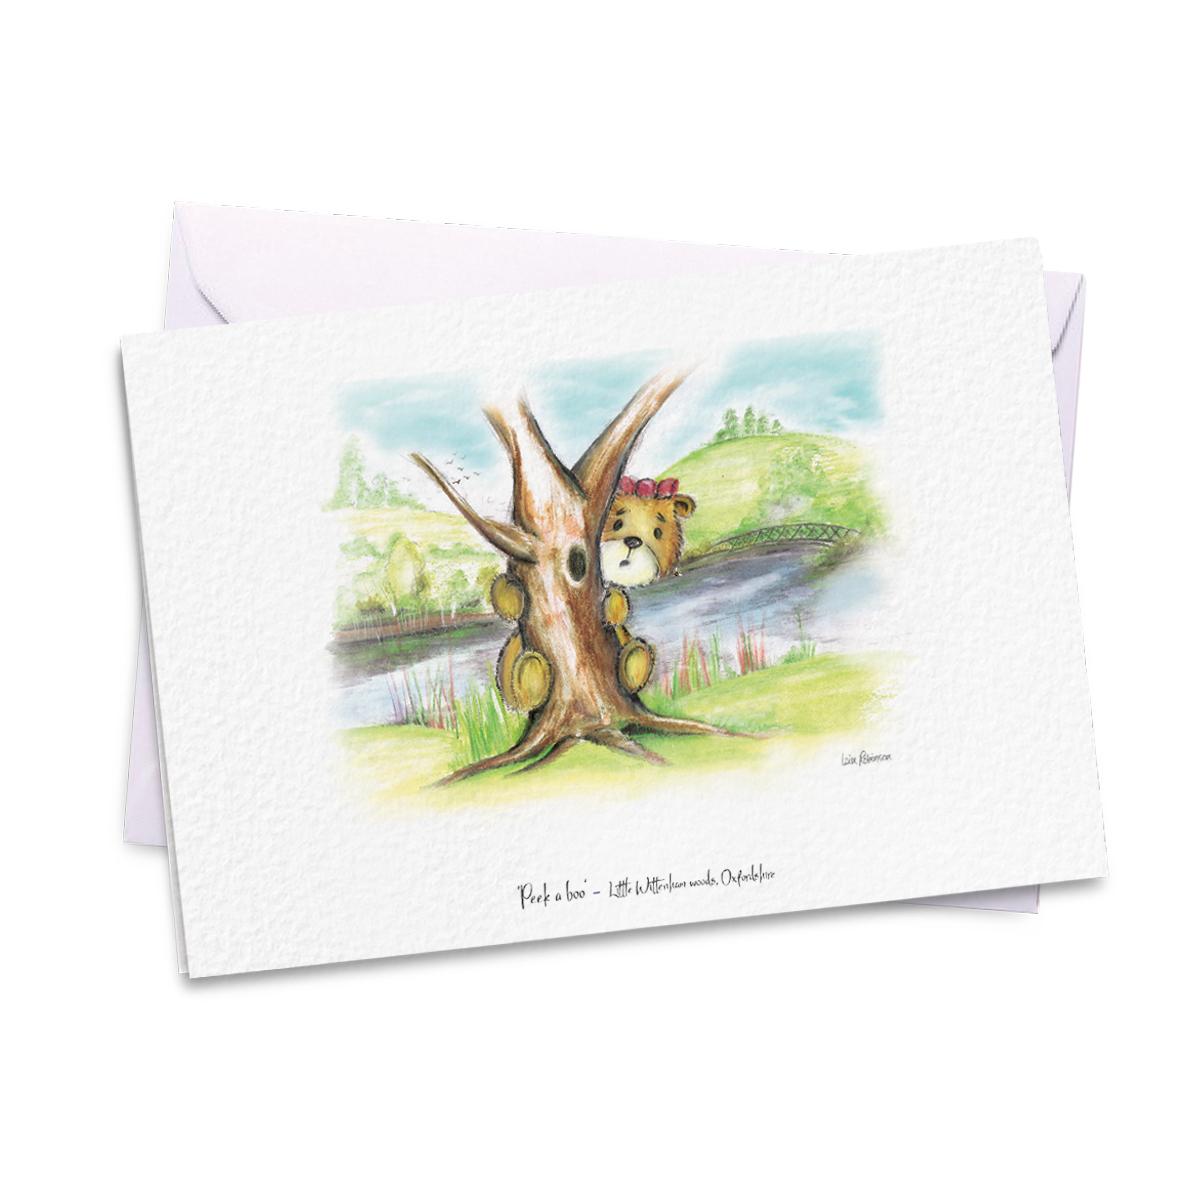 Card preview_Peekaboo.jpg